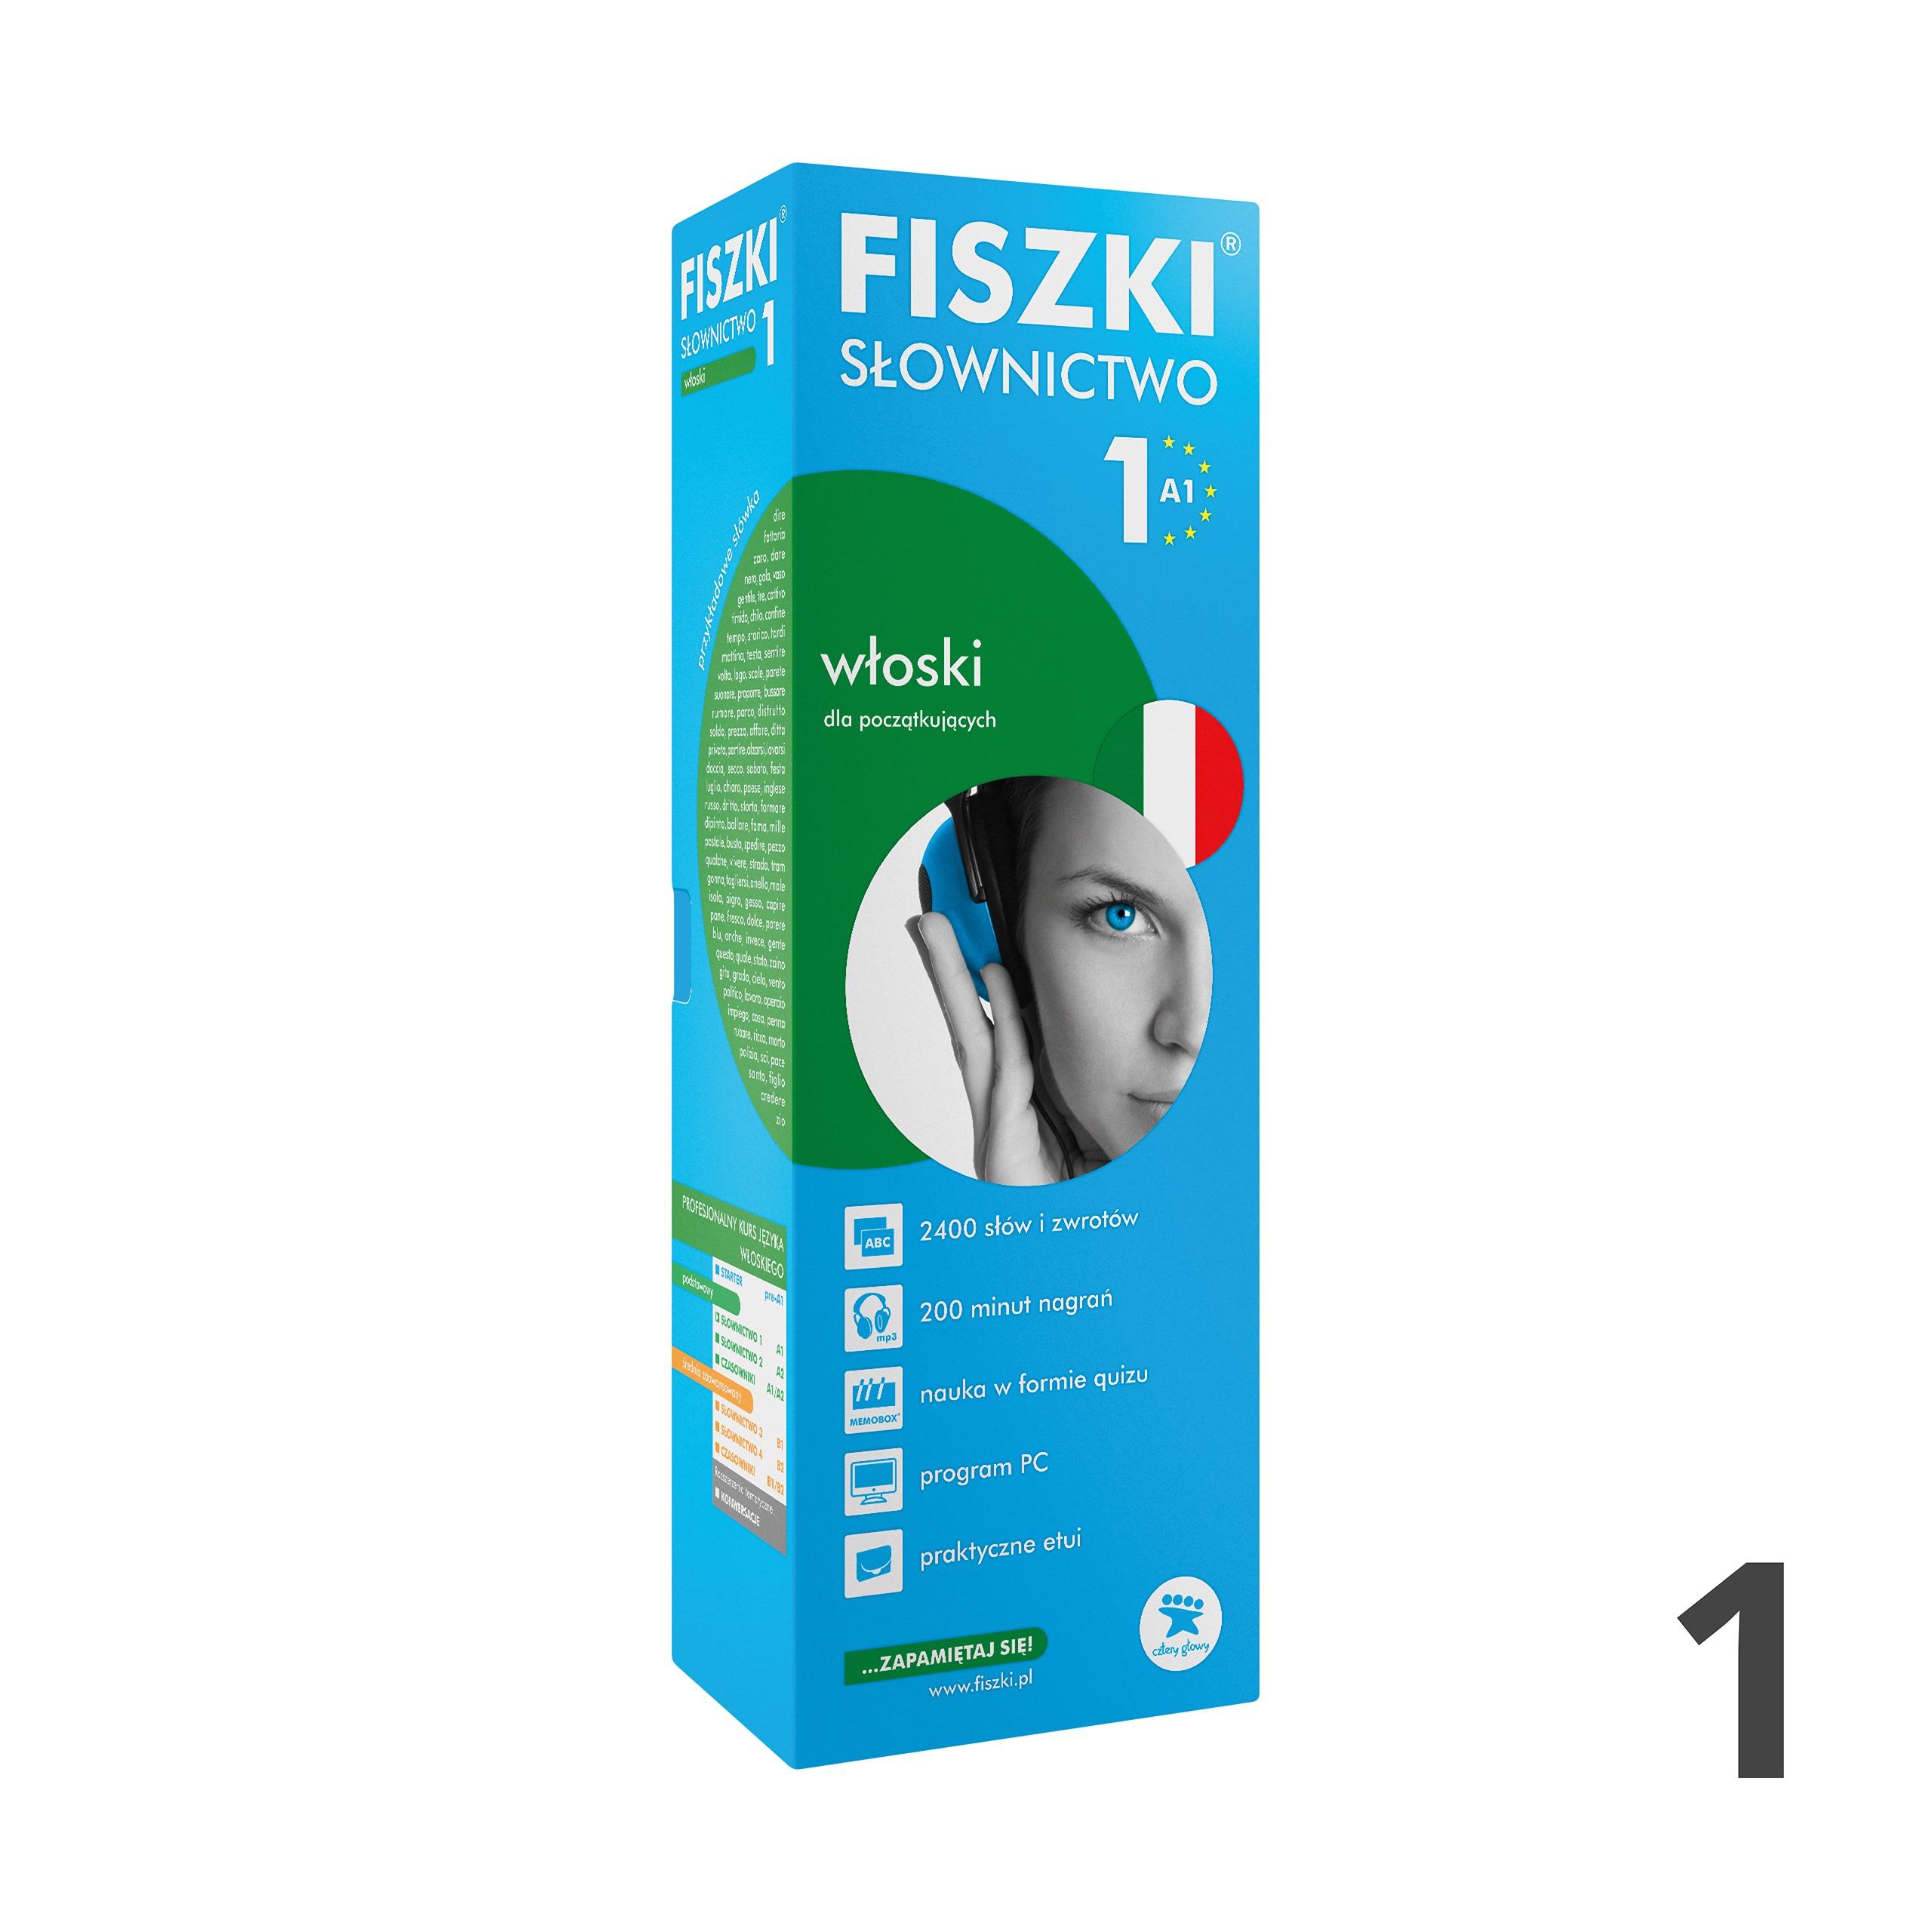 FISZKI - włoski - Słownictwo 1 (A1)